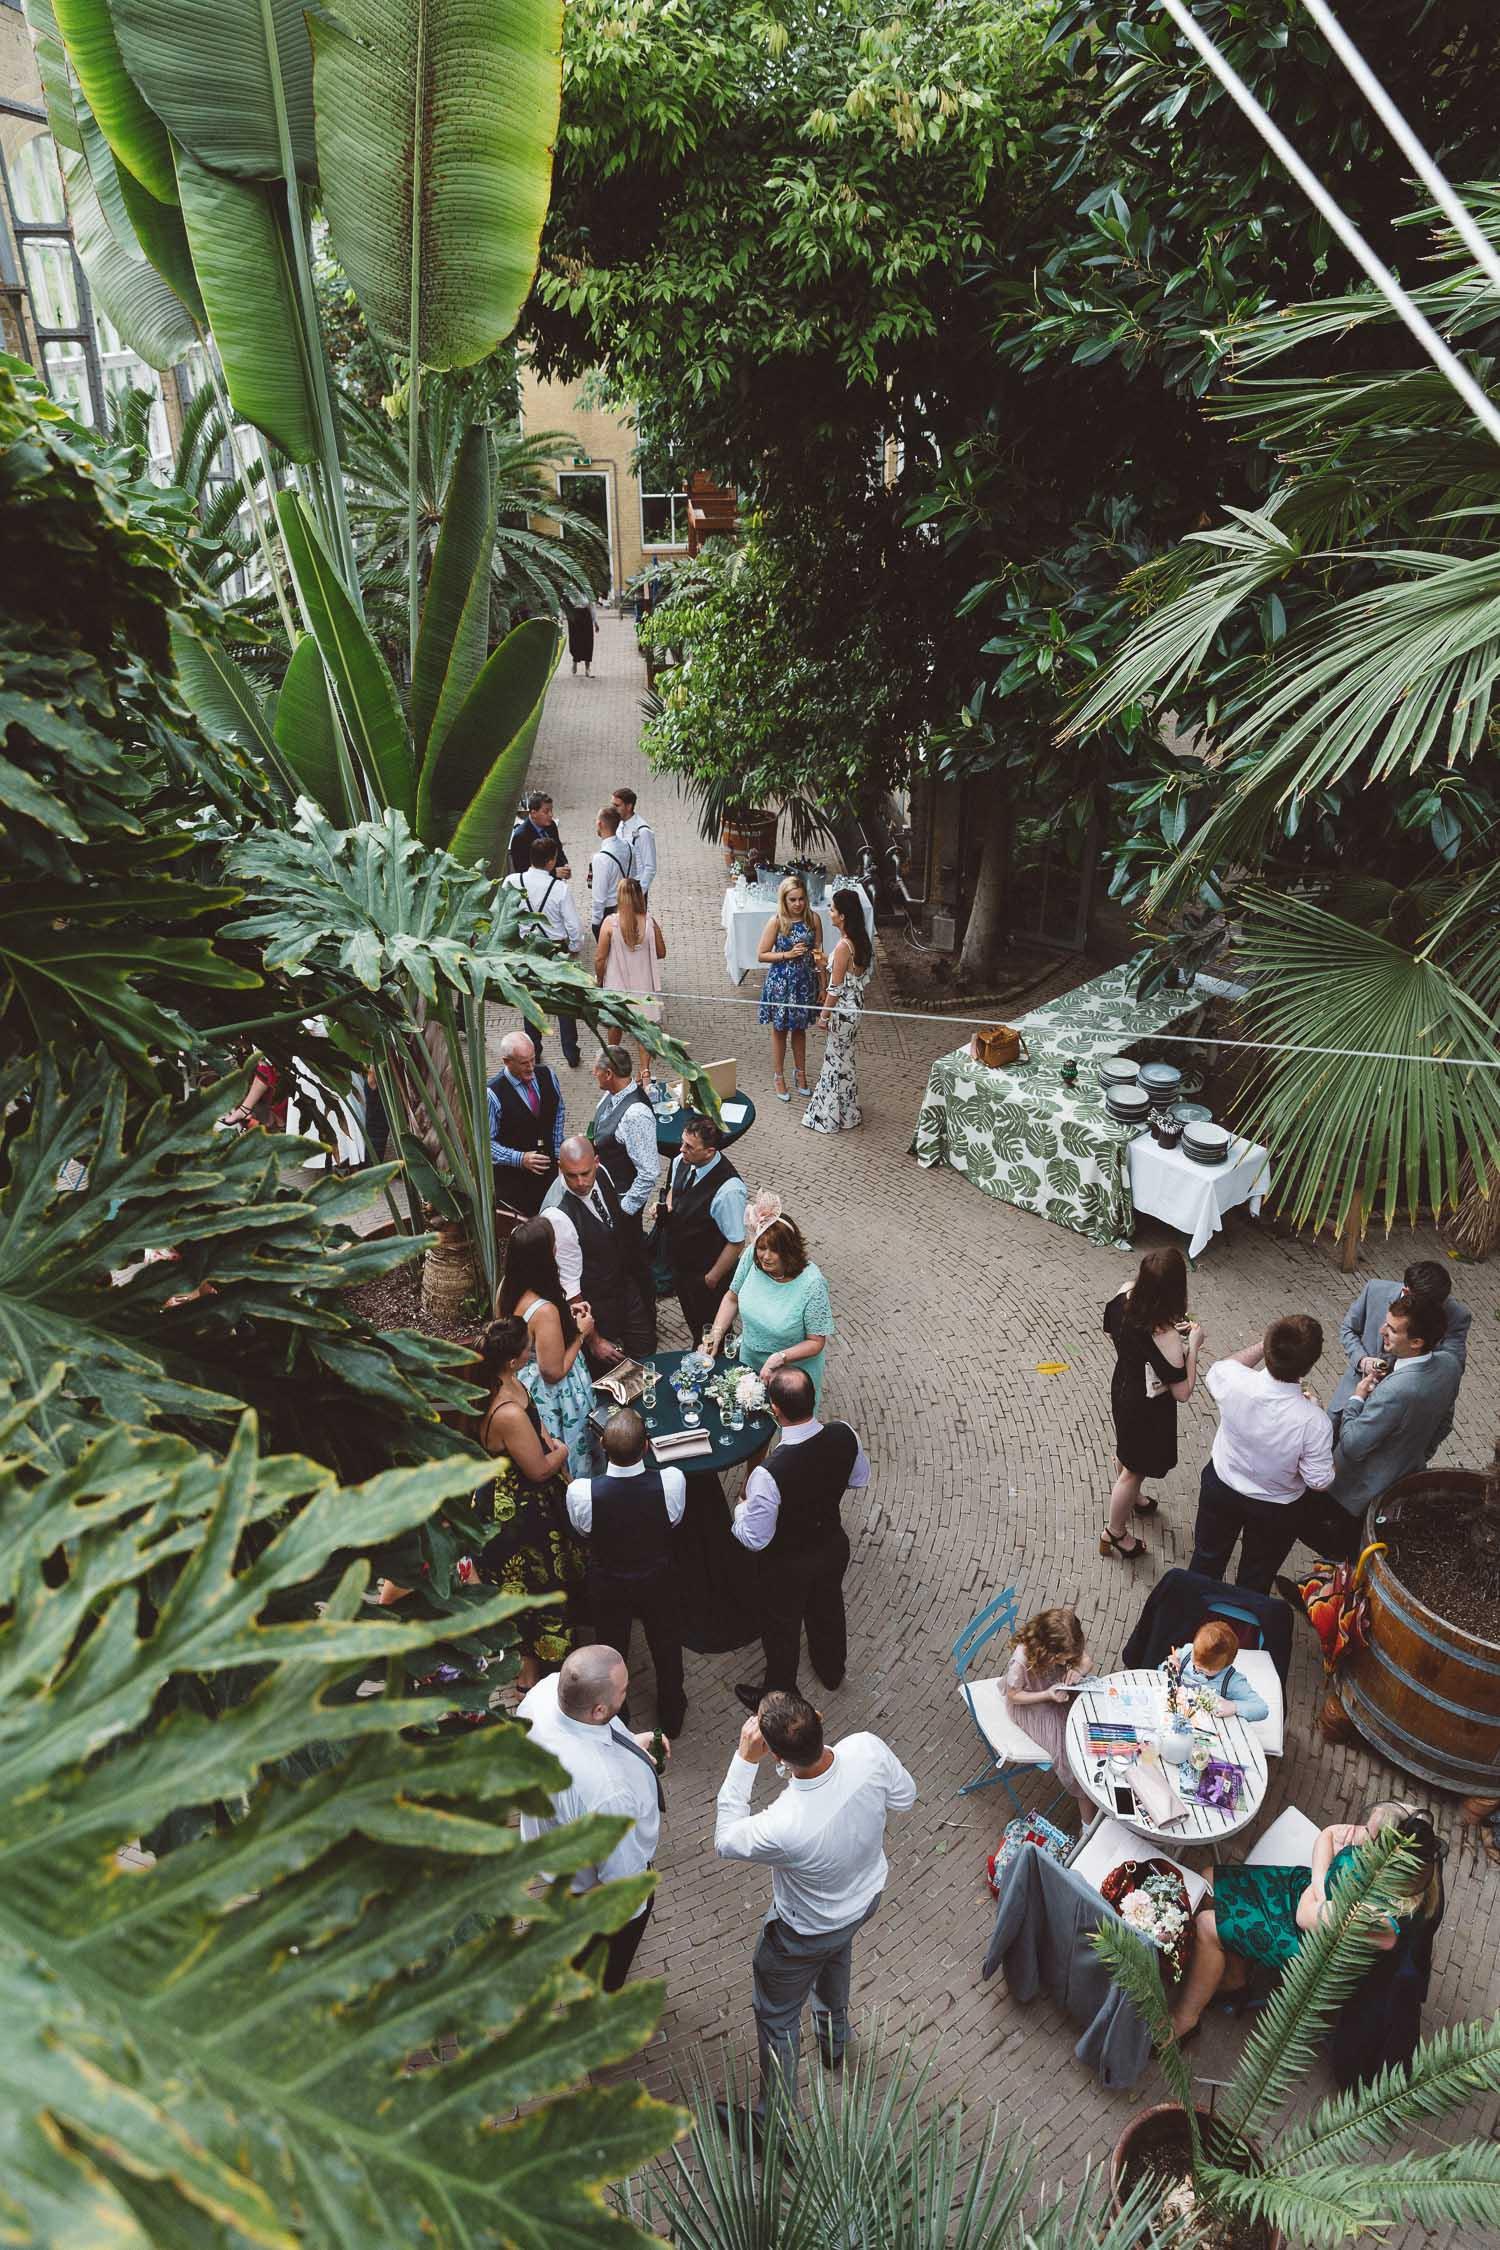 Wedding-Bethan-and-Mike-Hortus-Botanicus-photography-On-a-hazy-morning-Amsterdam132.jpg